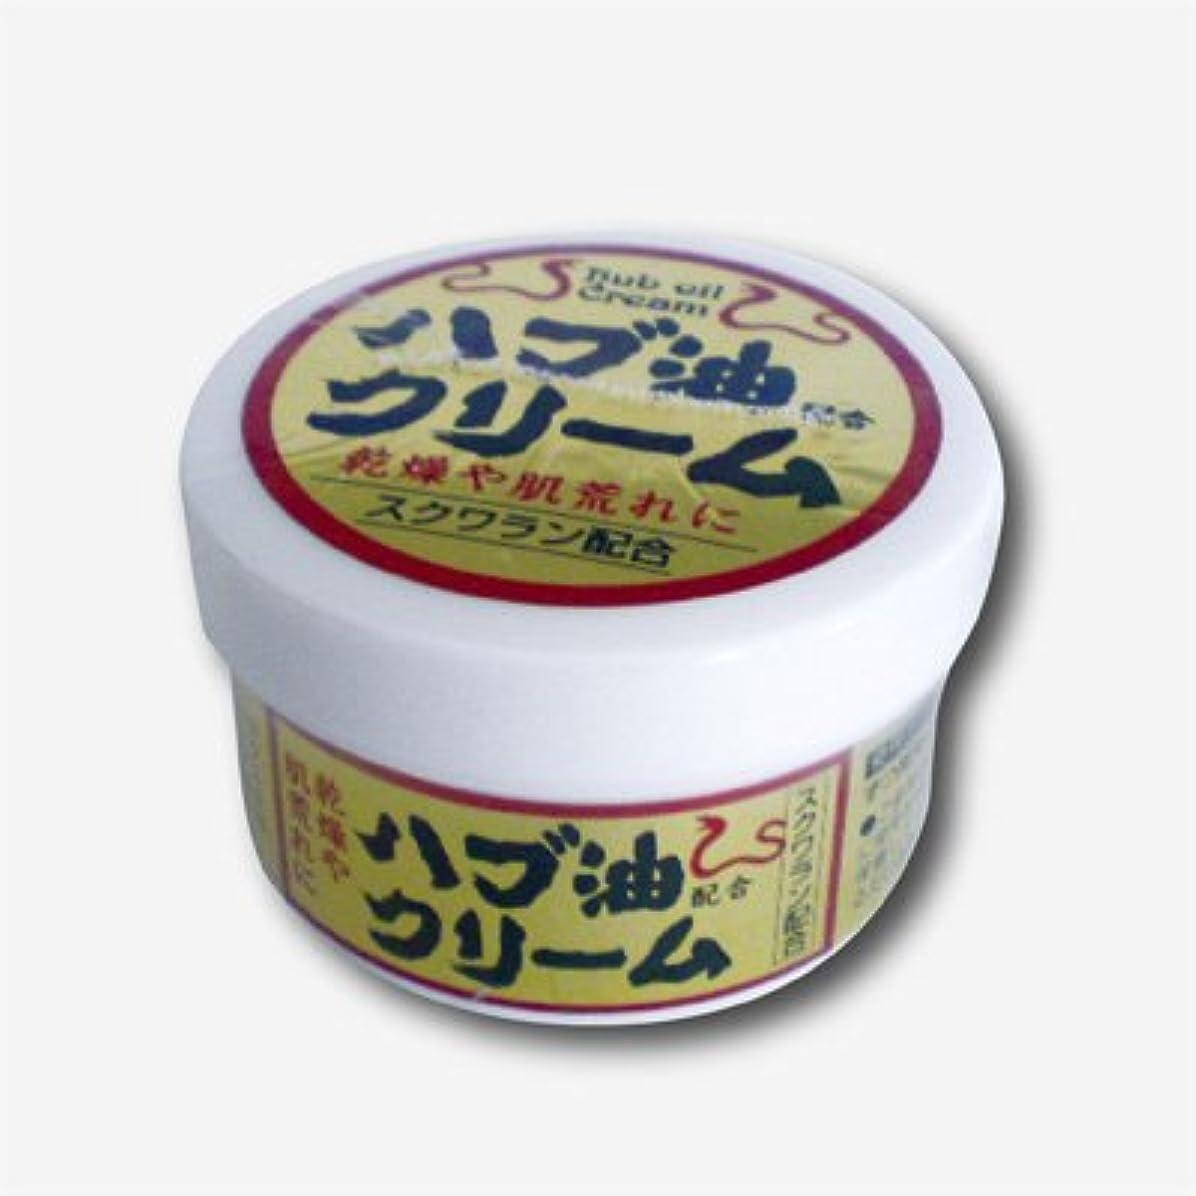 のりクリックコーンウォールハブ油配合クリーム 3個【1個?50g】